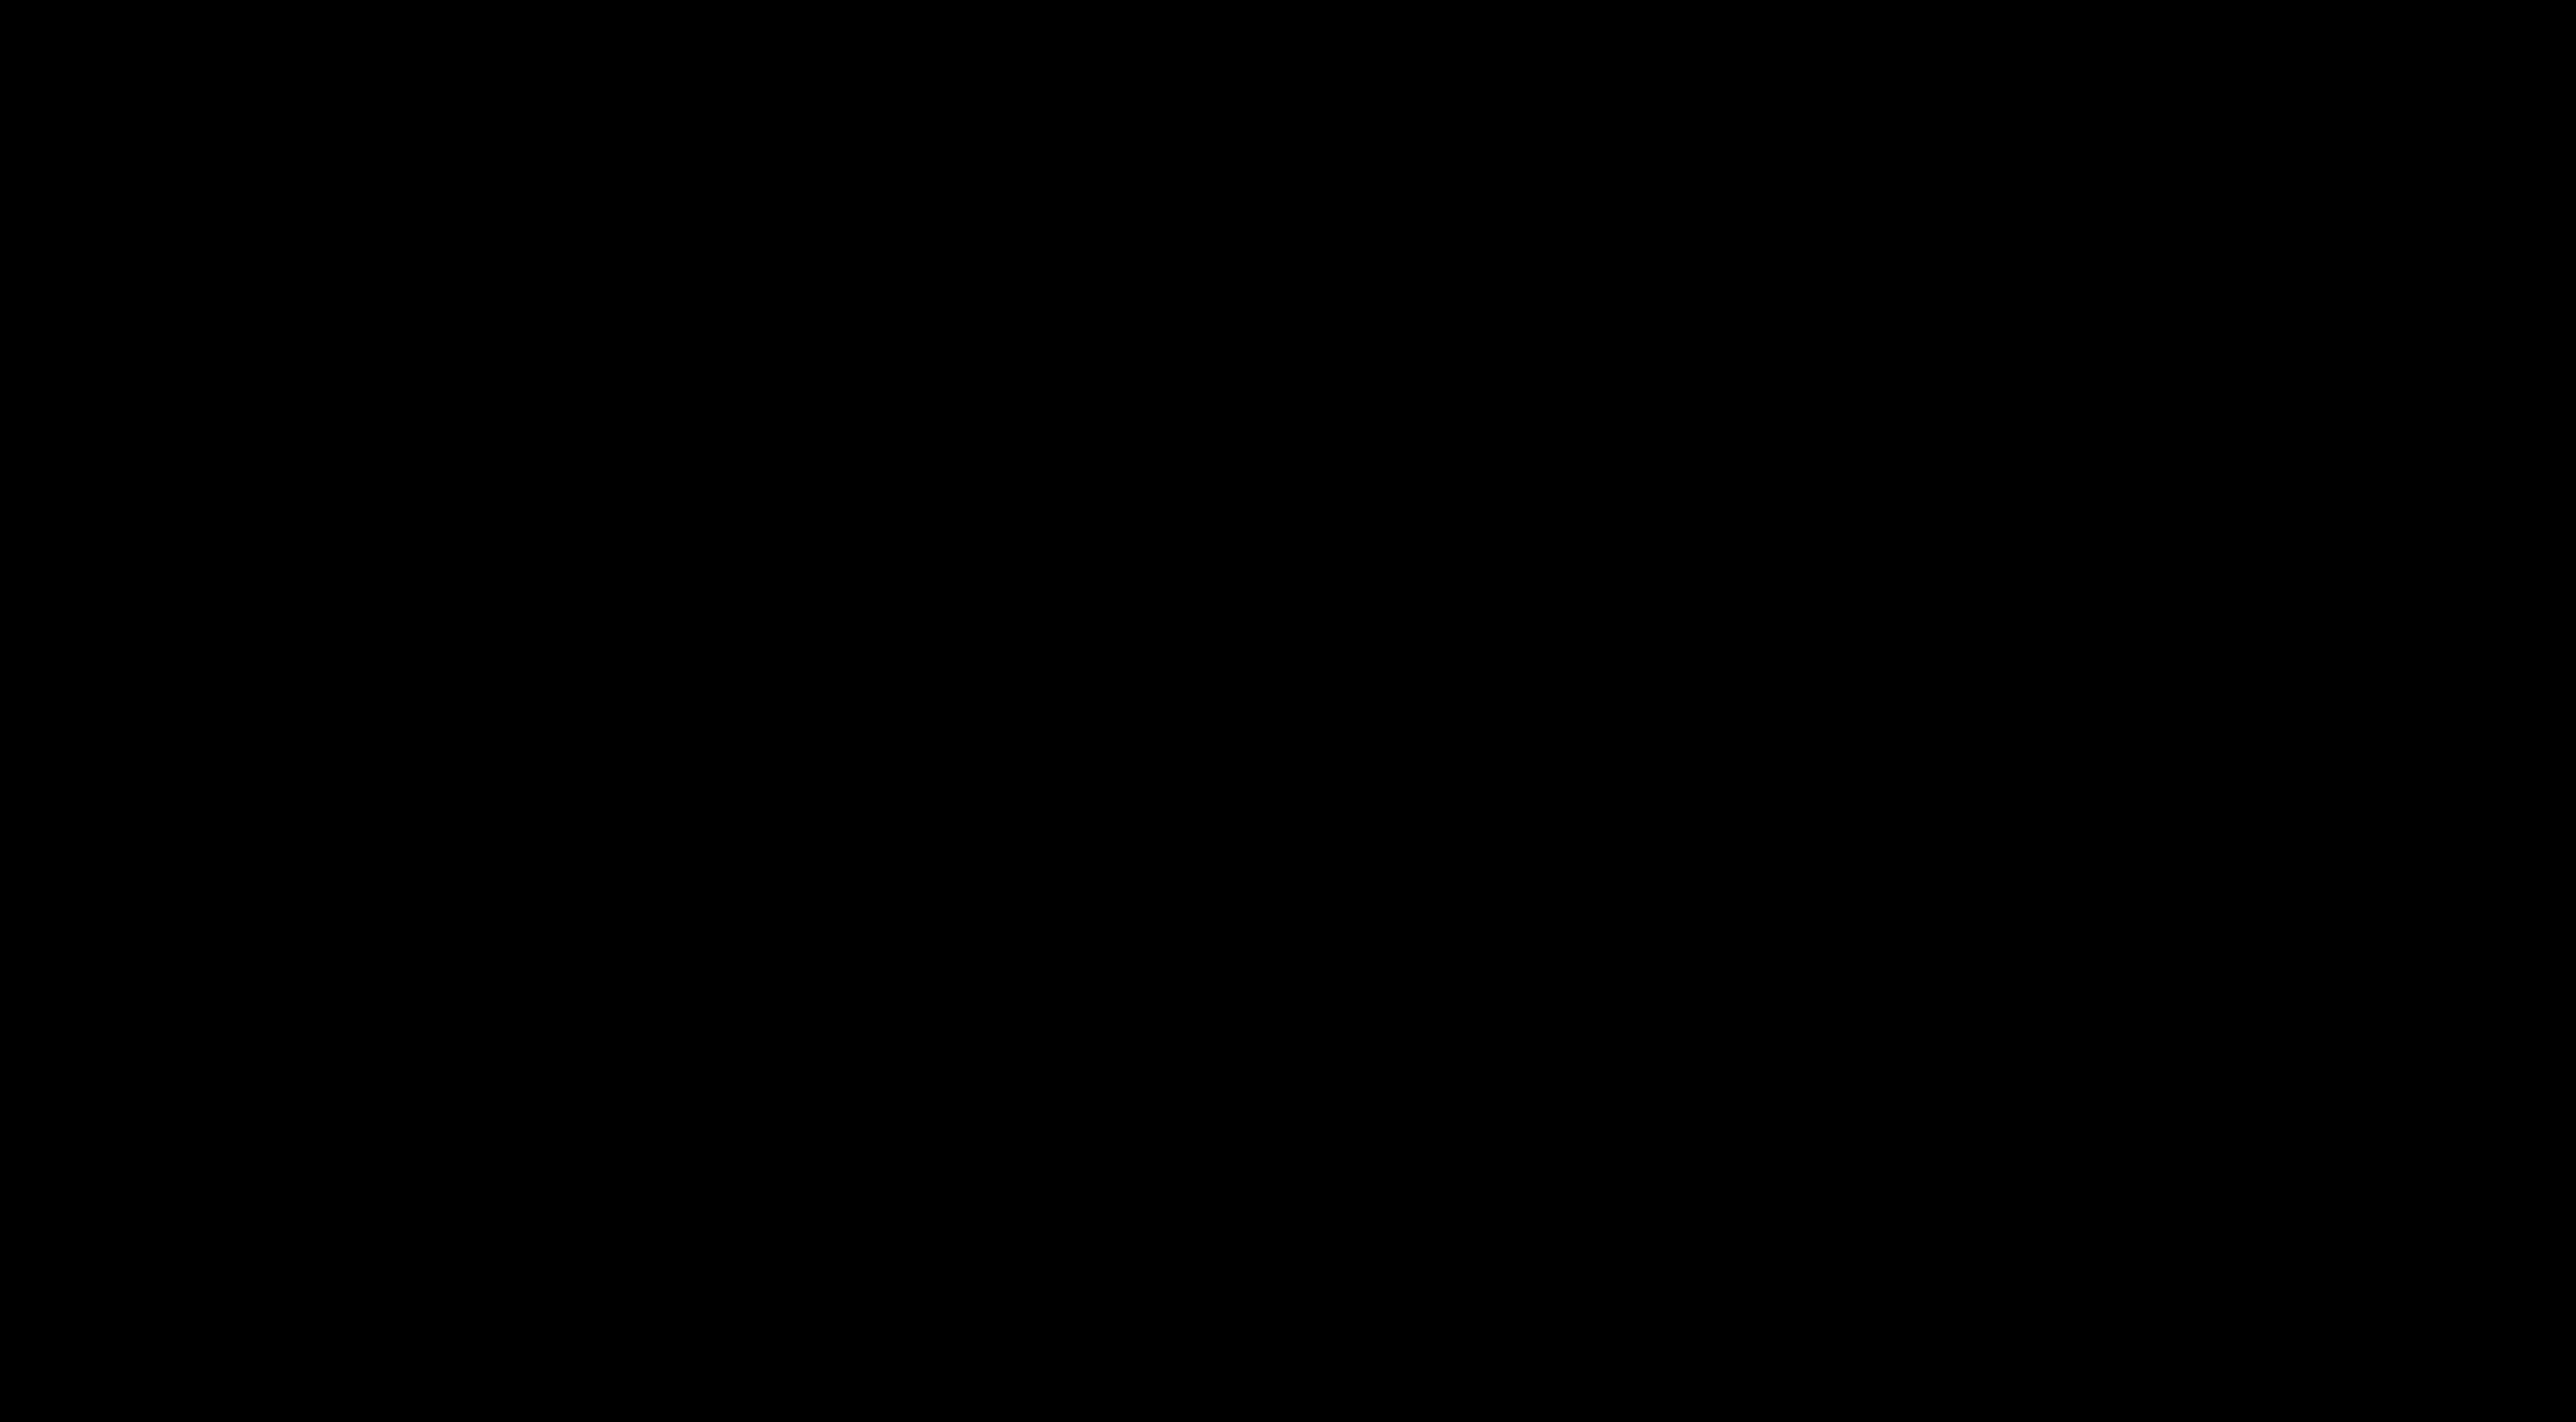 BST có một không hai của Vans và Van Gogh Museum hứa hẹn sẽ khuấy động làng thời trang thế giới